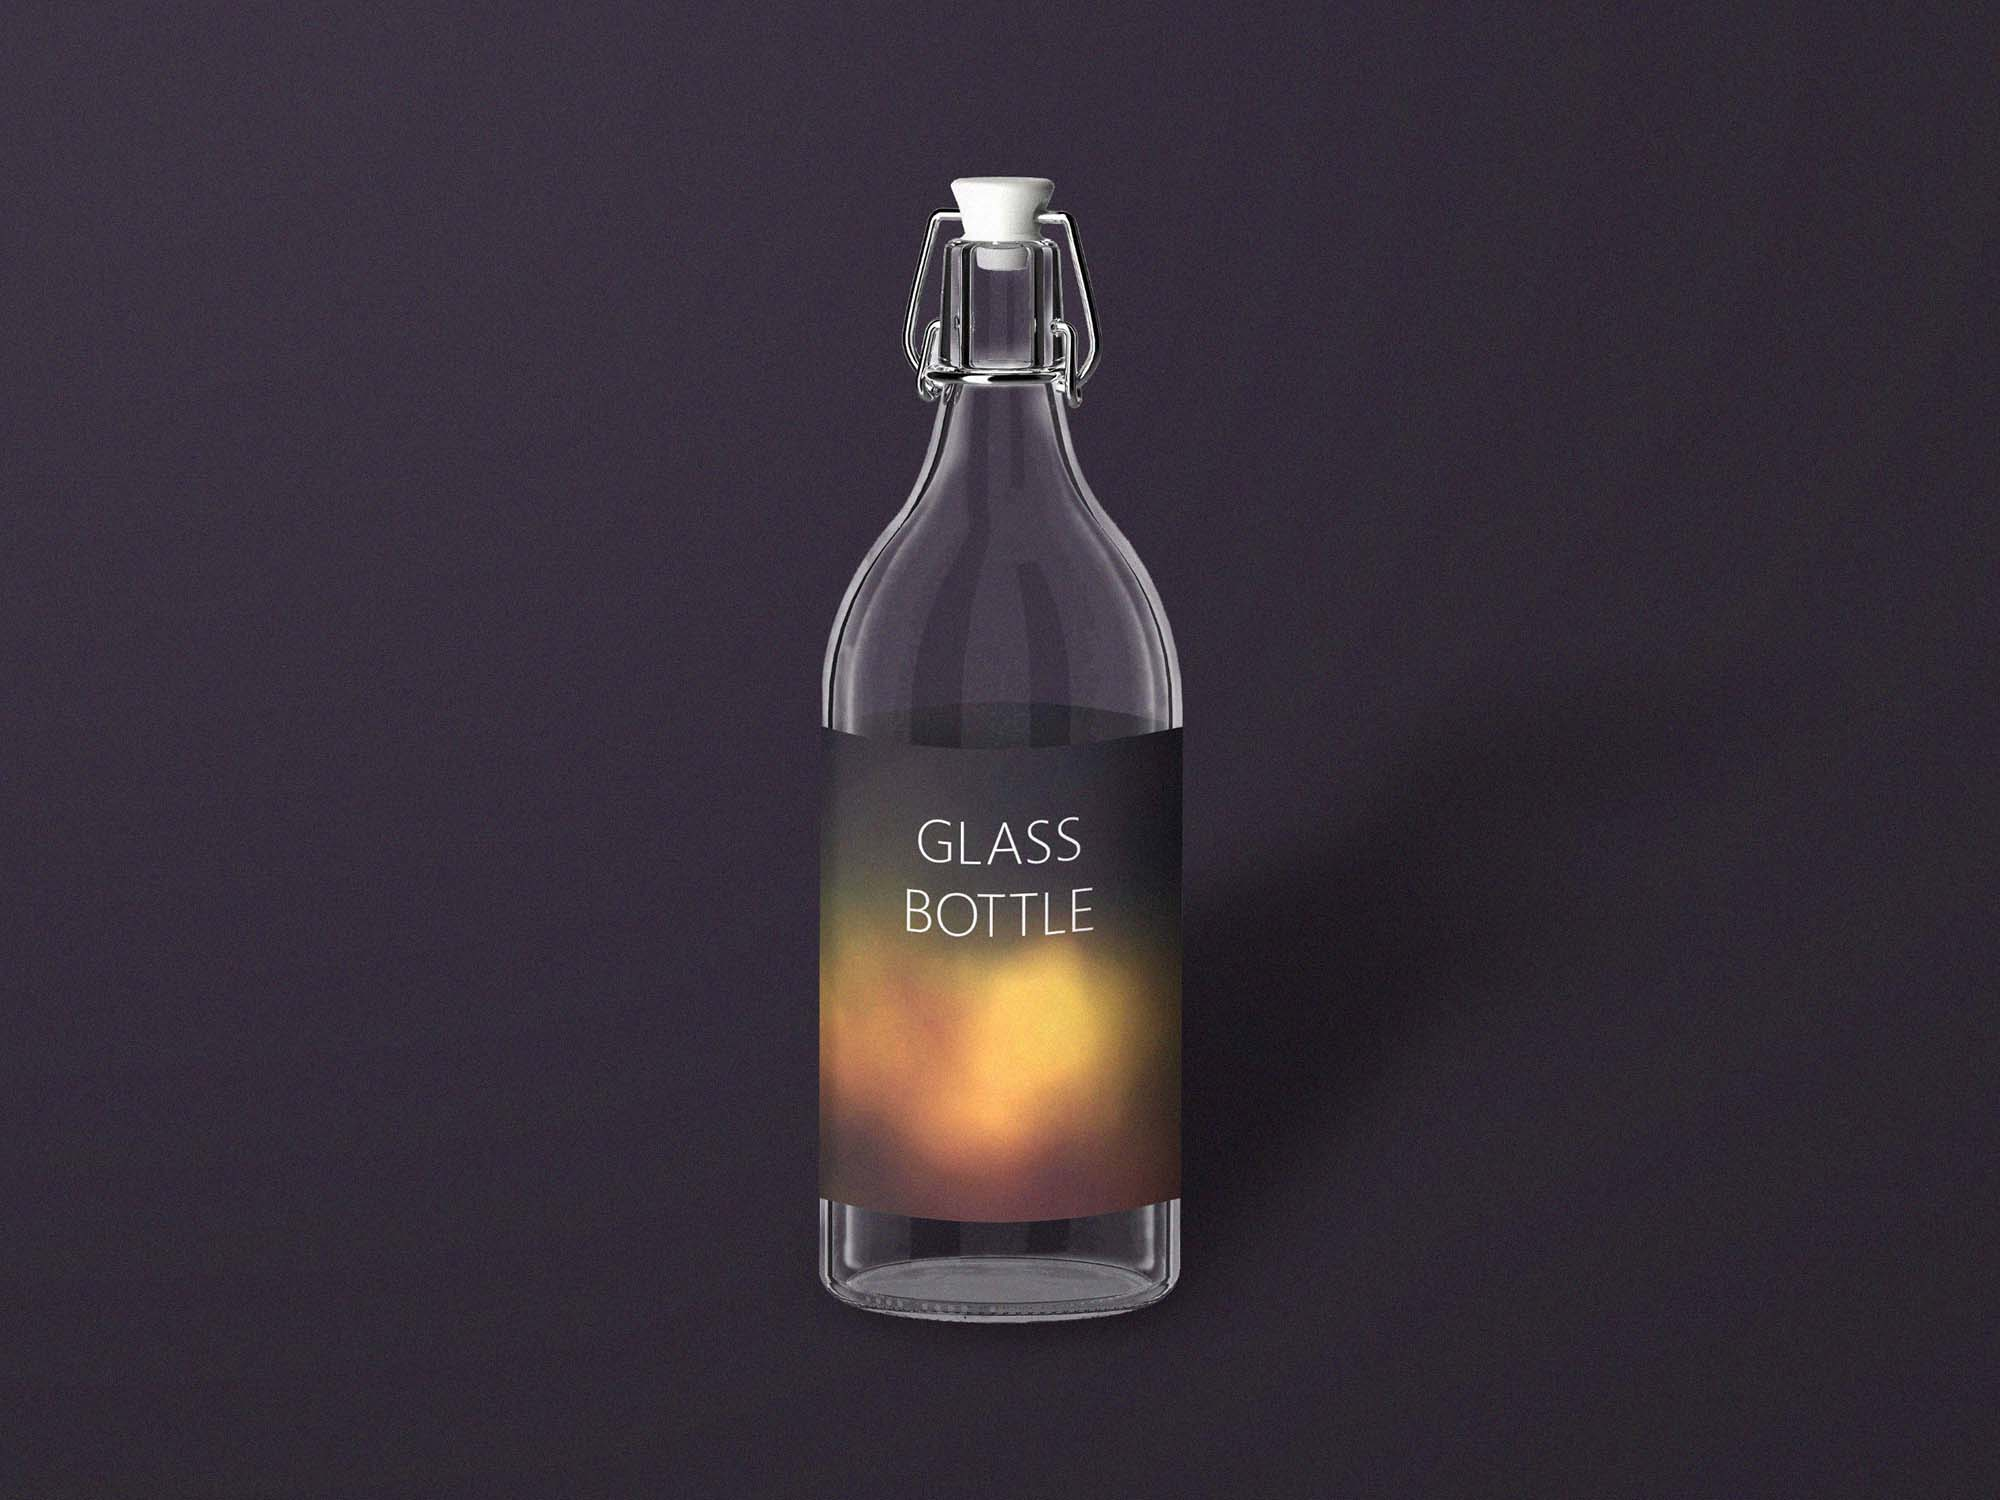 Bottle Mockup